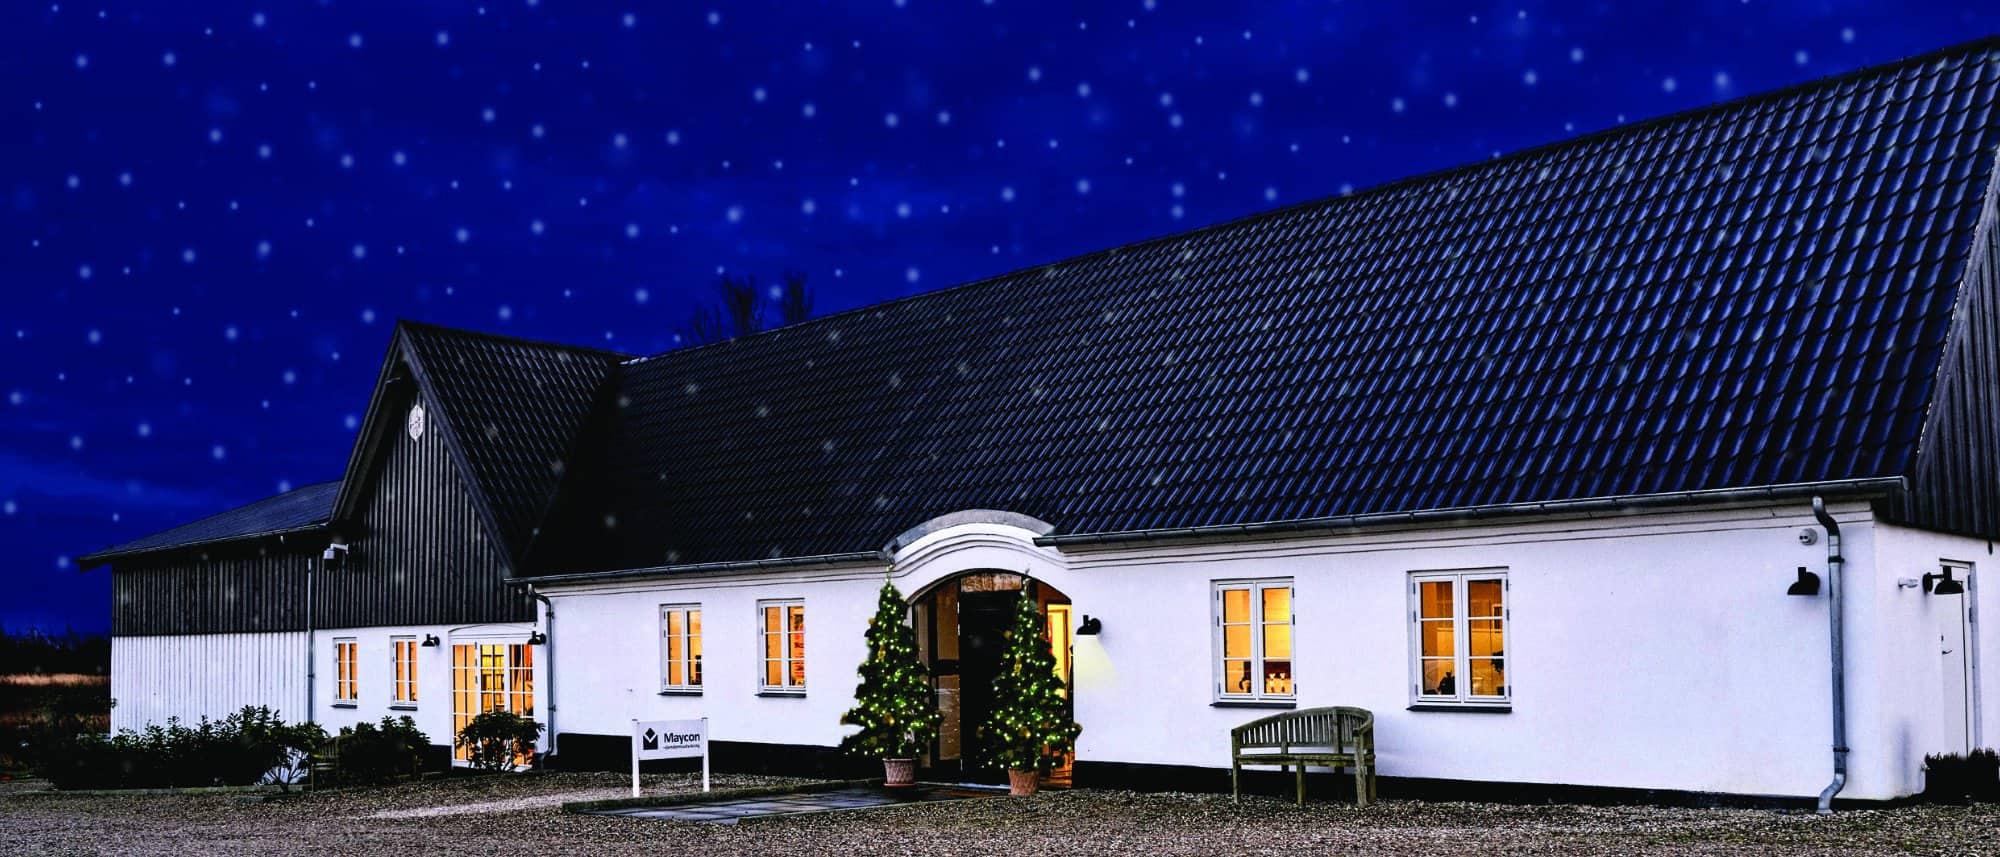 Vi Slår På Tromme For En God Jul Og En Bæredygtig Fremtid